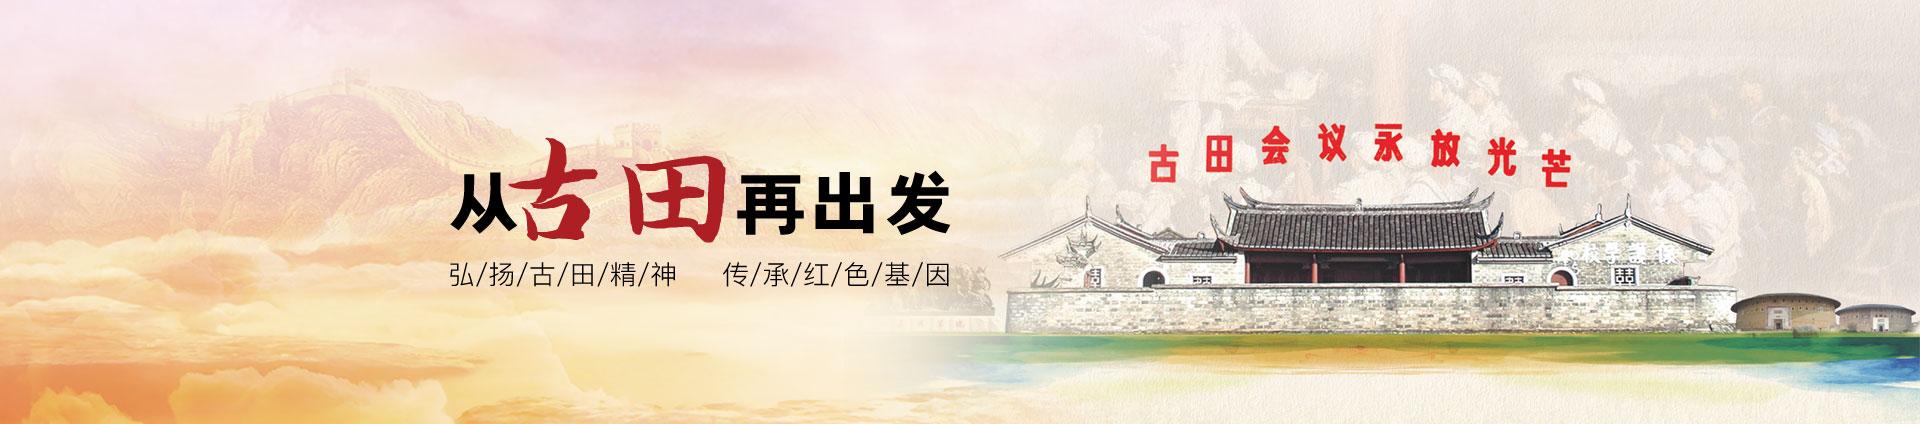 福建高校干训联盟(红华干教培训中心)